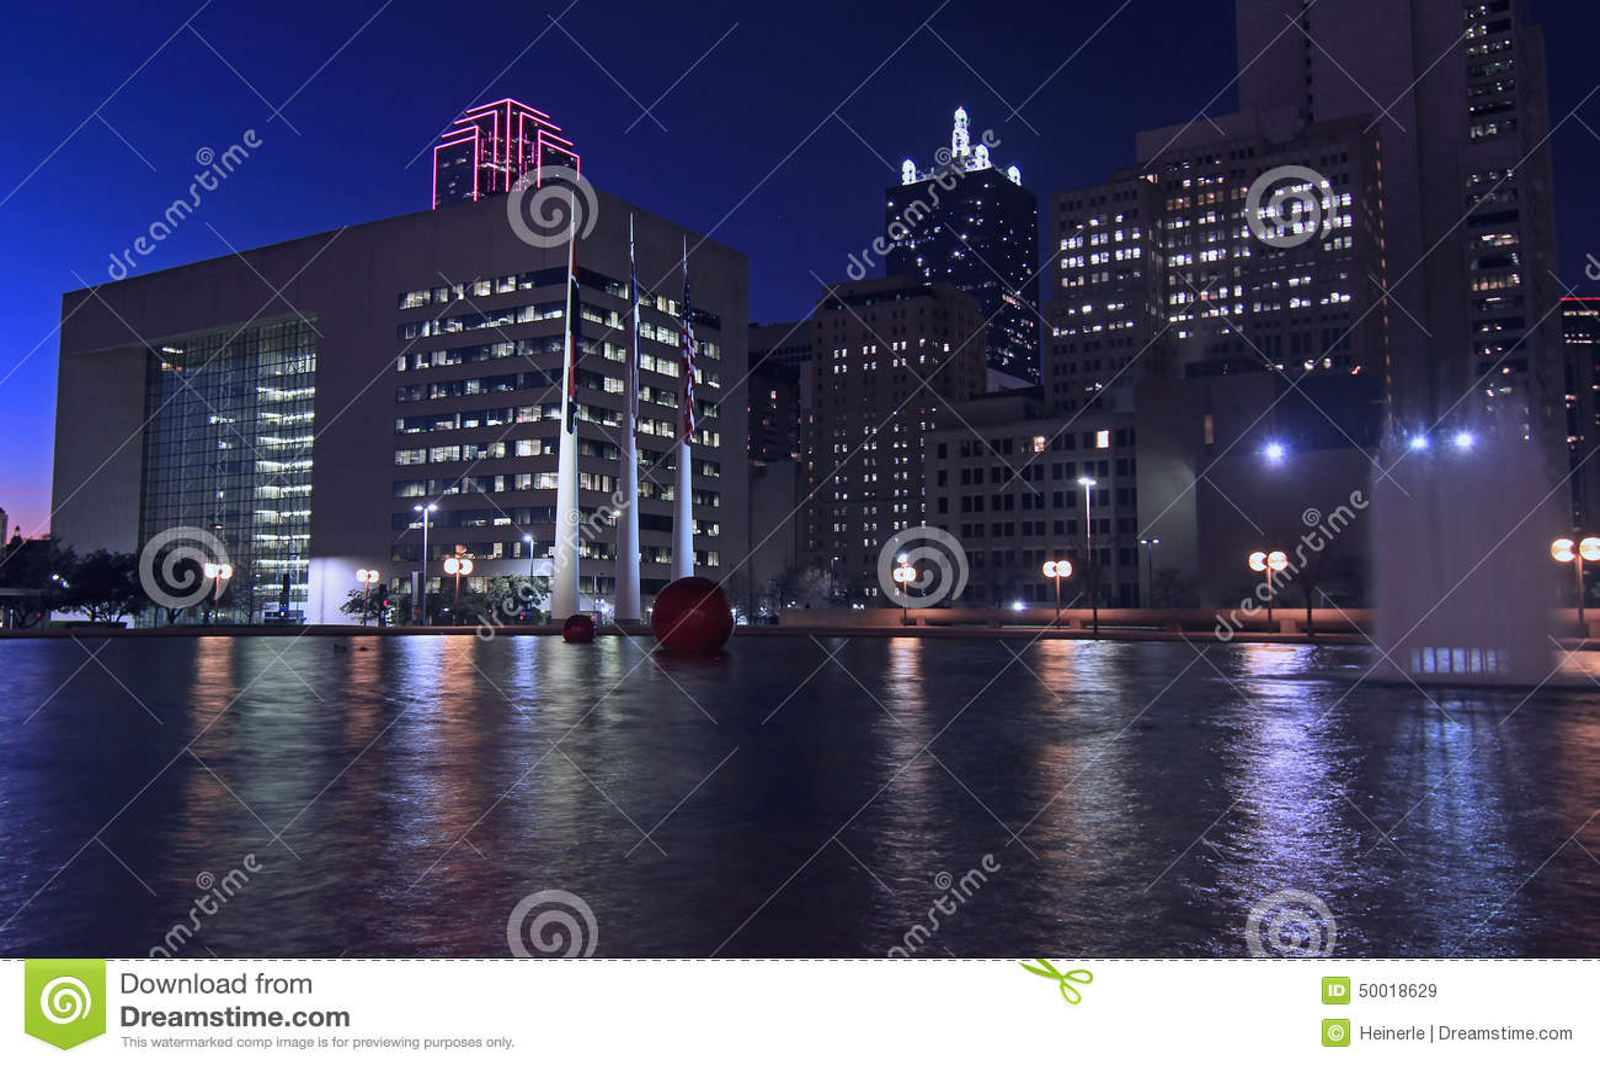 Dallas Skyline: Nightly Lichte bezinningen in water